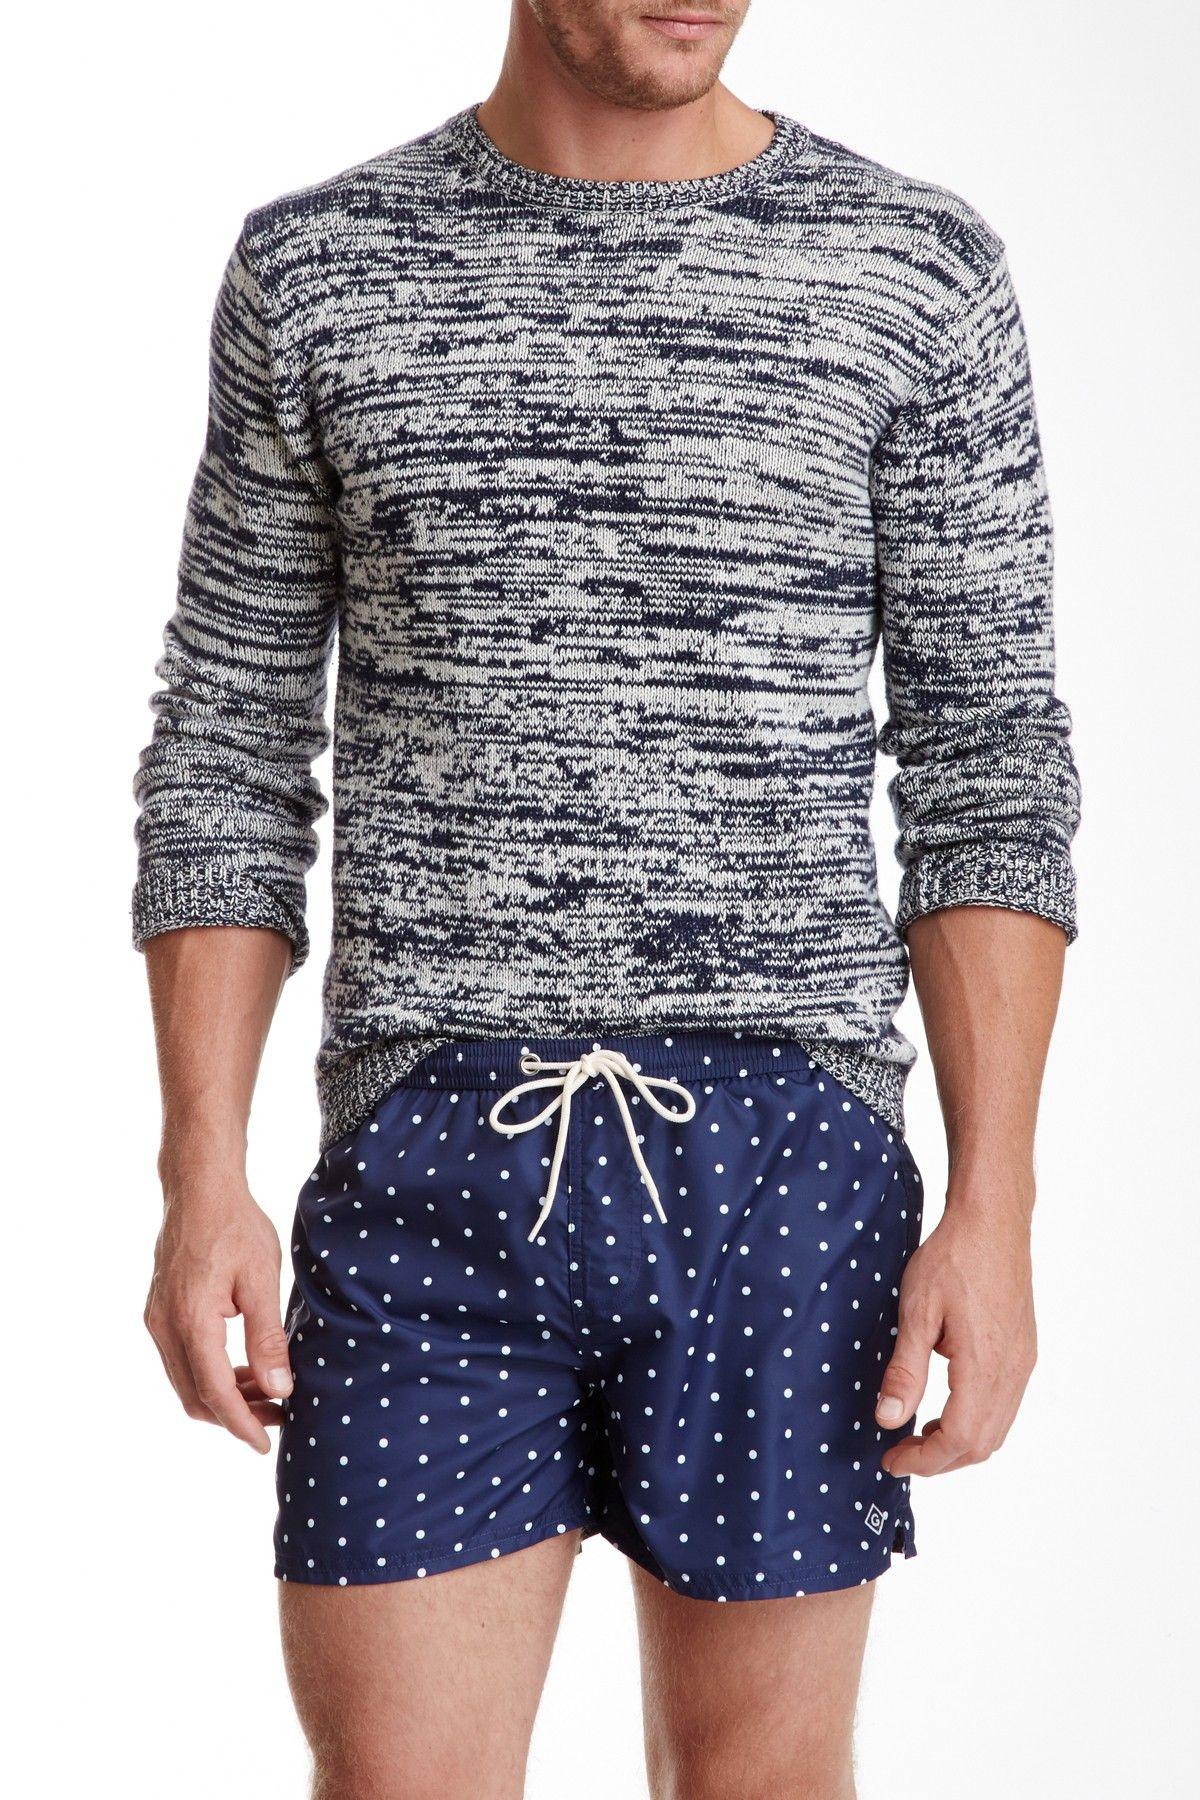 Marled Knit Sweater on HauteLook